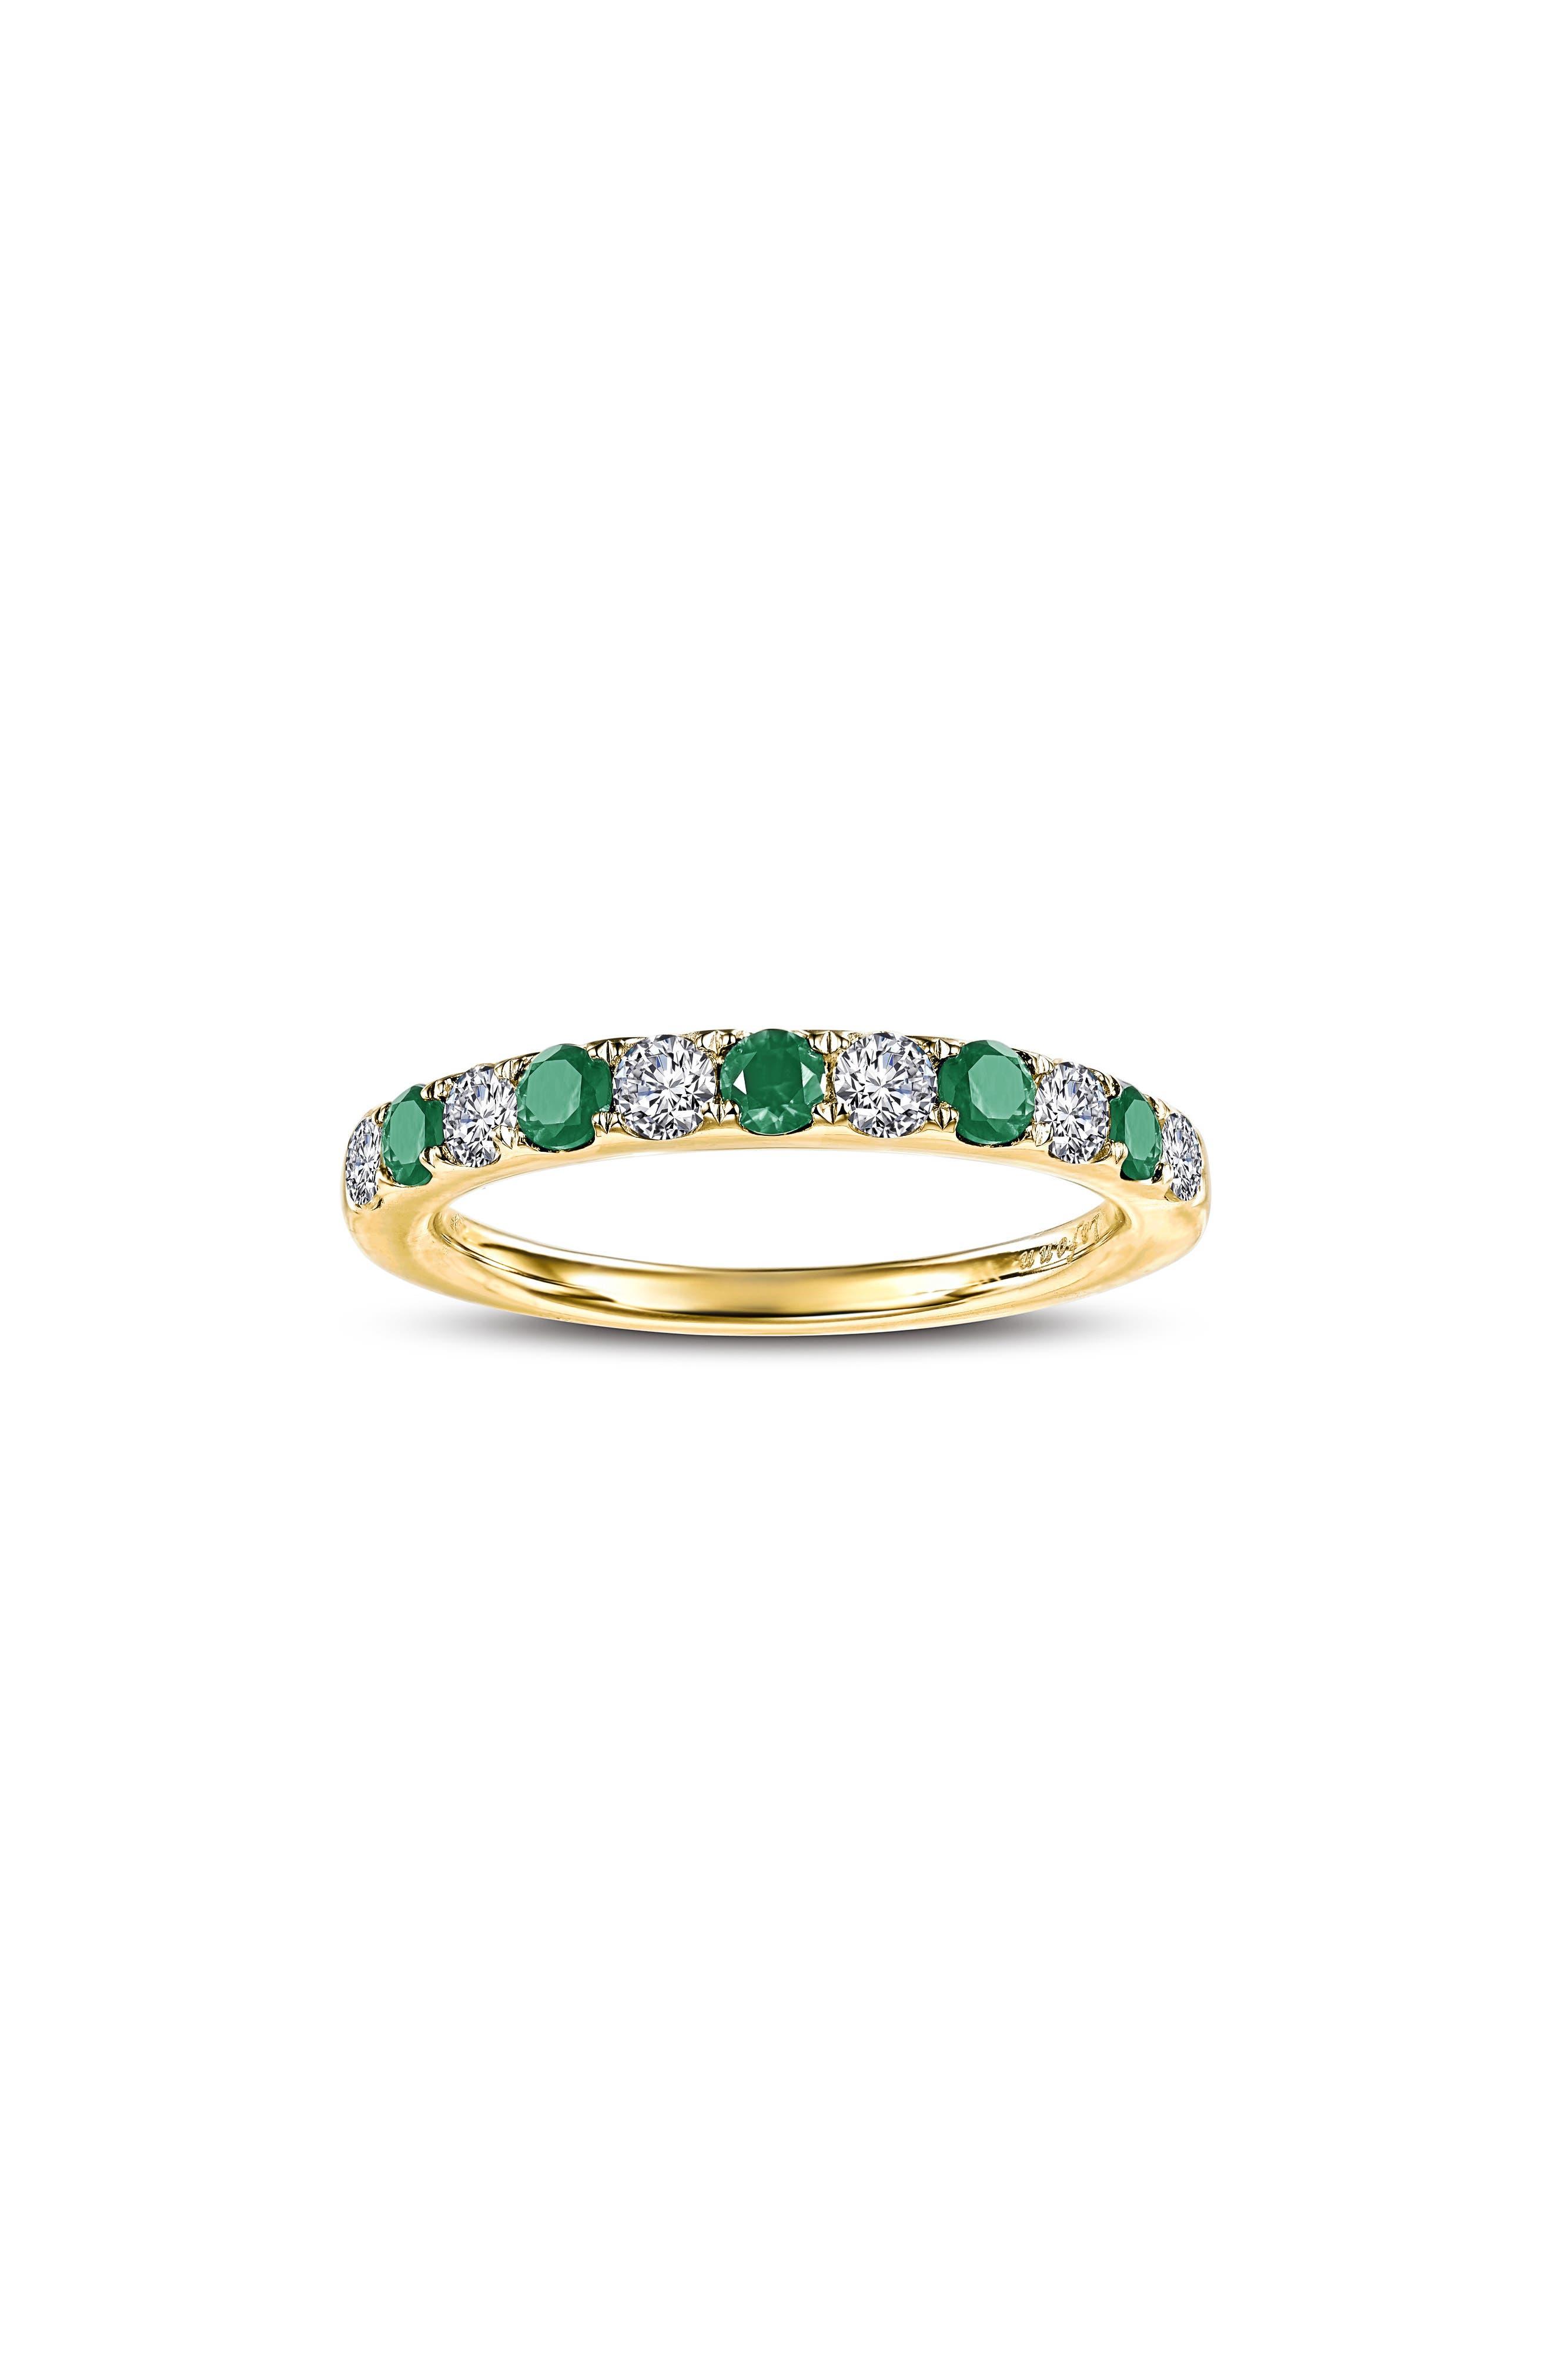 Simulated Diamond Birthstone Band Ring,                             Main thumbnail 1, color,                             MAY - GREEN/ GOLD